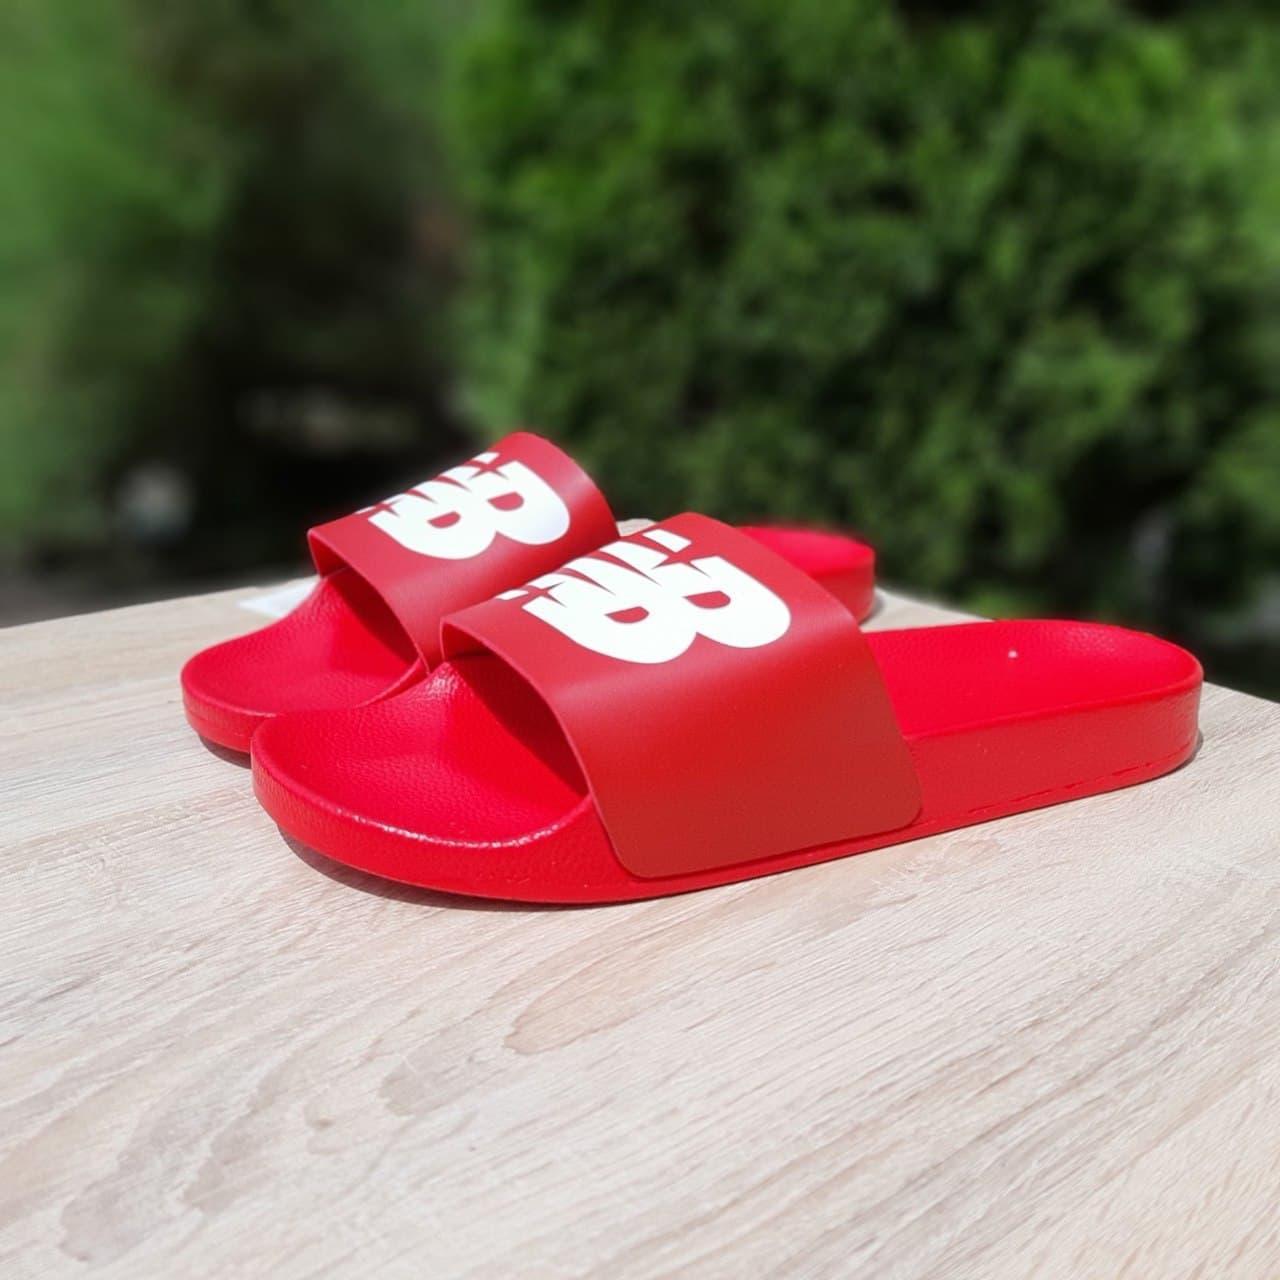 Жіночі шльопанці New balance (червоні з білим) О50012 молодіжні модні капці